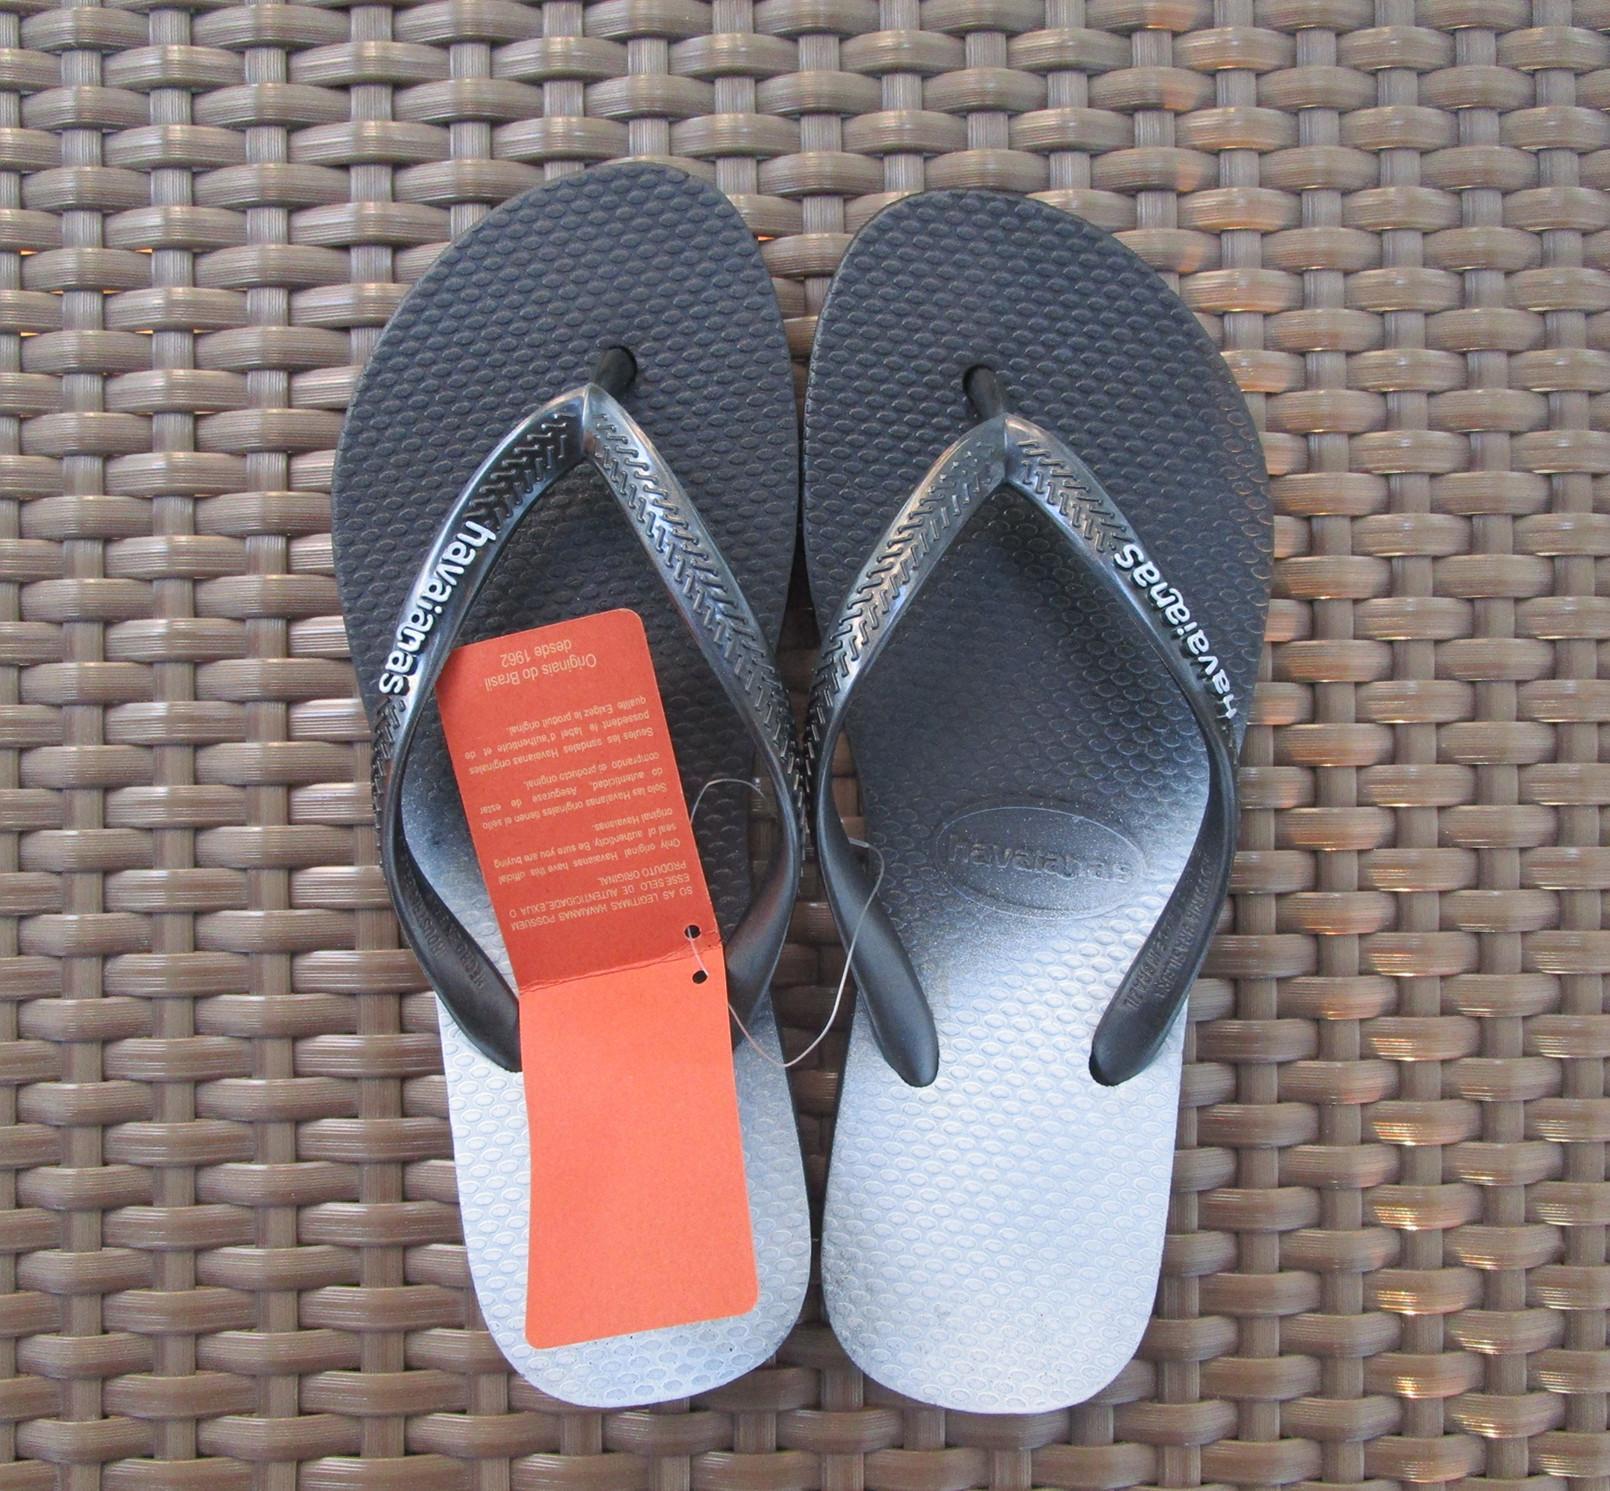 86d2c6955e1a1 Flip Flops for Women for sale - Womens Flip Flops online brands ...